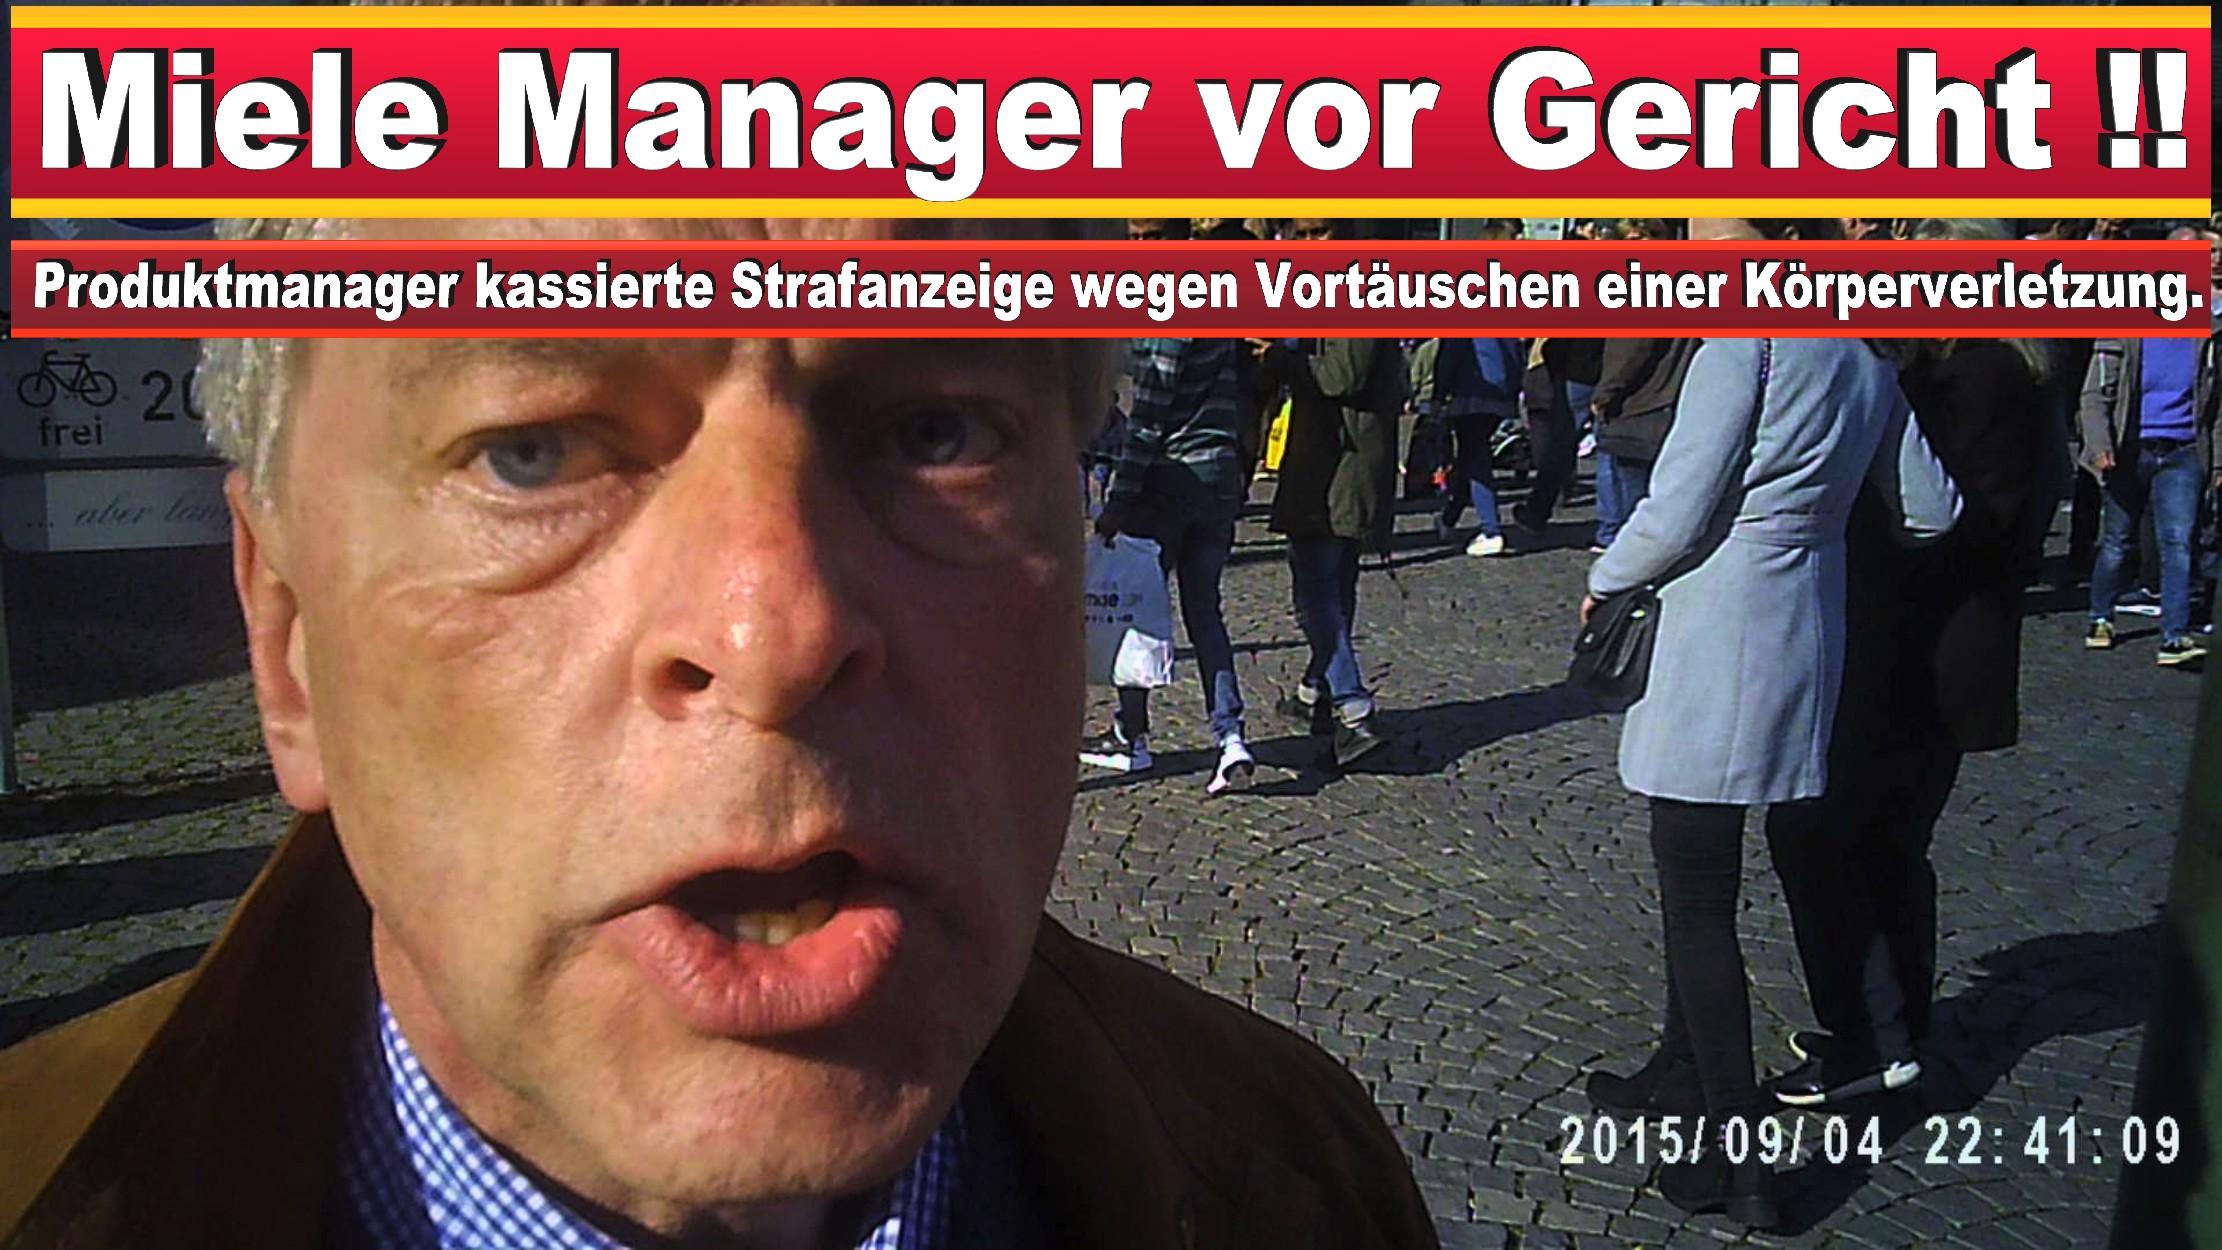 MICHAEL WEBER CDU BIELEFELD GEWALTAUSBRUCH UND STRAFANZEIGE (1)